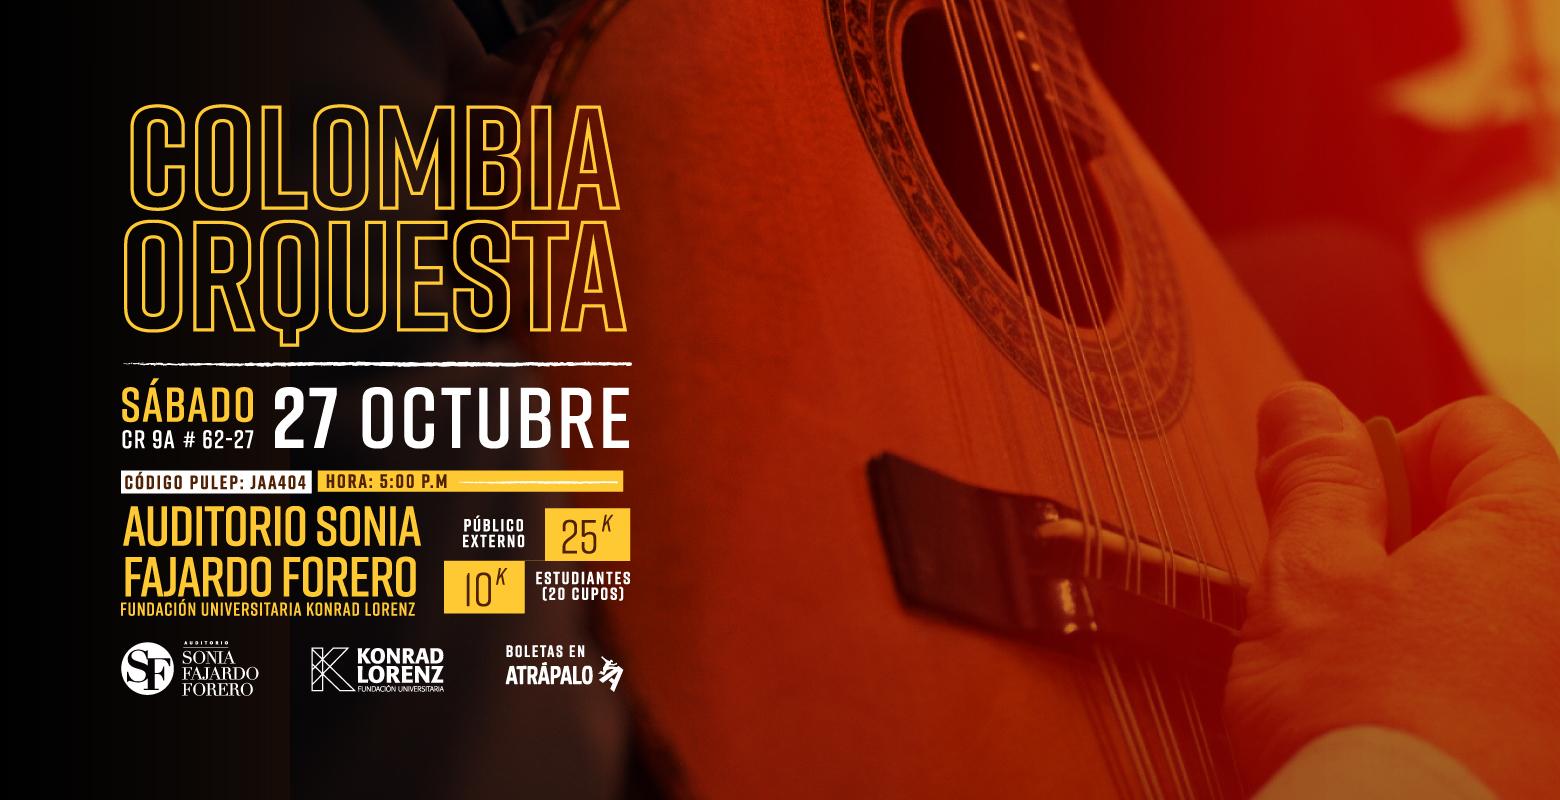 Gran Concierto con Colombia Orquesta